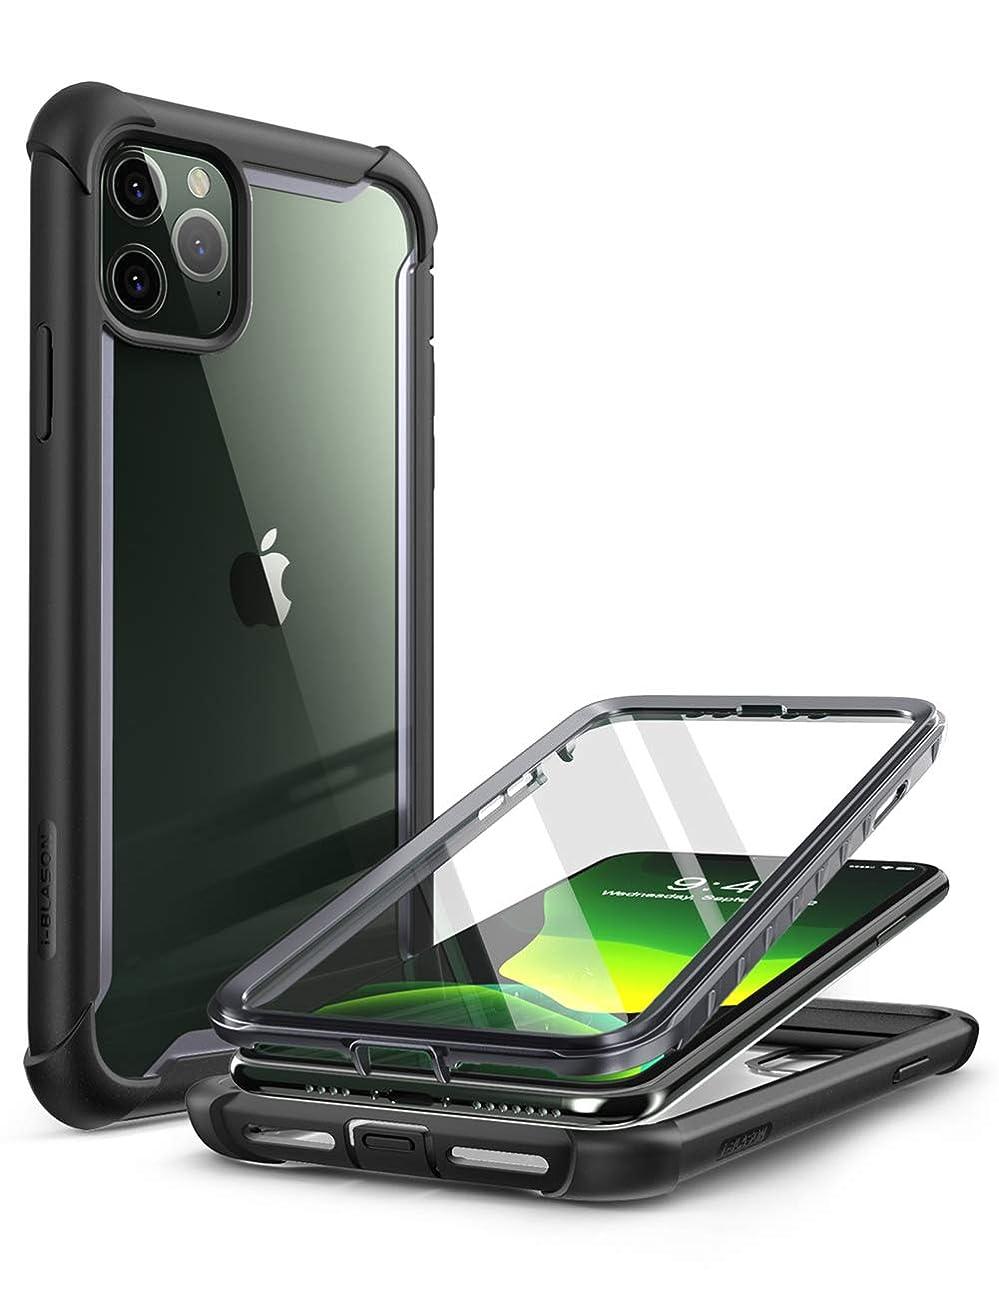 生まれ有名な調停者i-BLASON iPhone 11 Pro Max ケース 6.5インチ 液晶保護フィルム付き 米国軍事規格取得 360°保護 耐衝撃 防塵 クリア Qi充電対応 Aresシリーズ